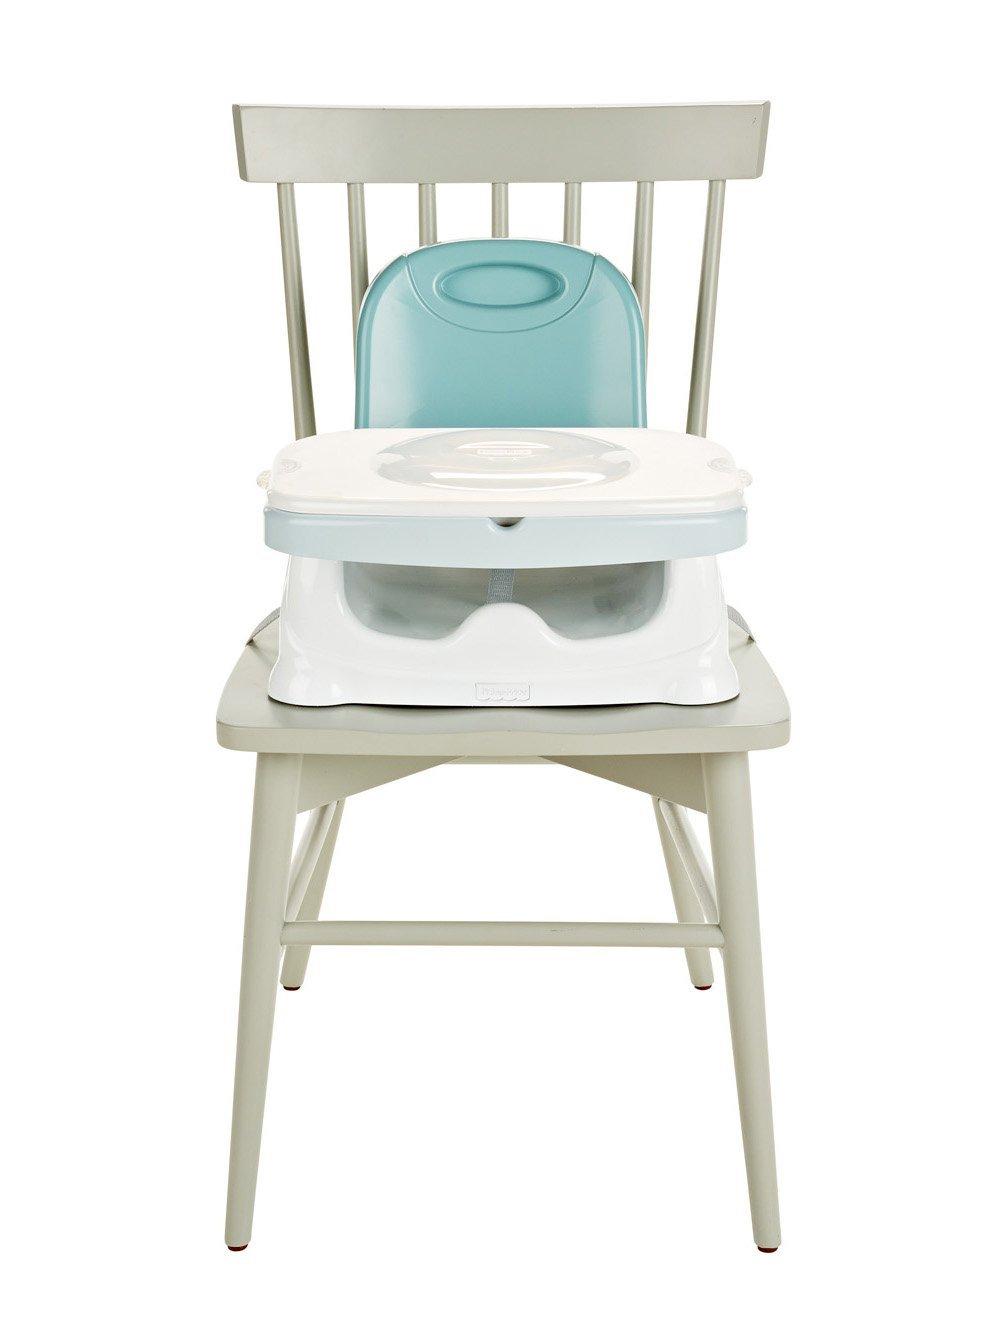 เก้าอี้เสริมทานข้าวเด็ก พร้อมถาด 3 ชั้น สีใหม่ล่าสุด Fisher Price-Healthy Care Deluxe Booster Seat